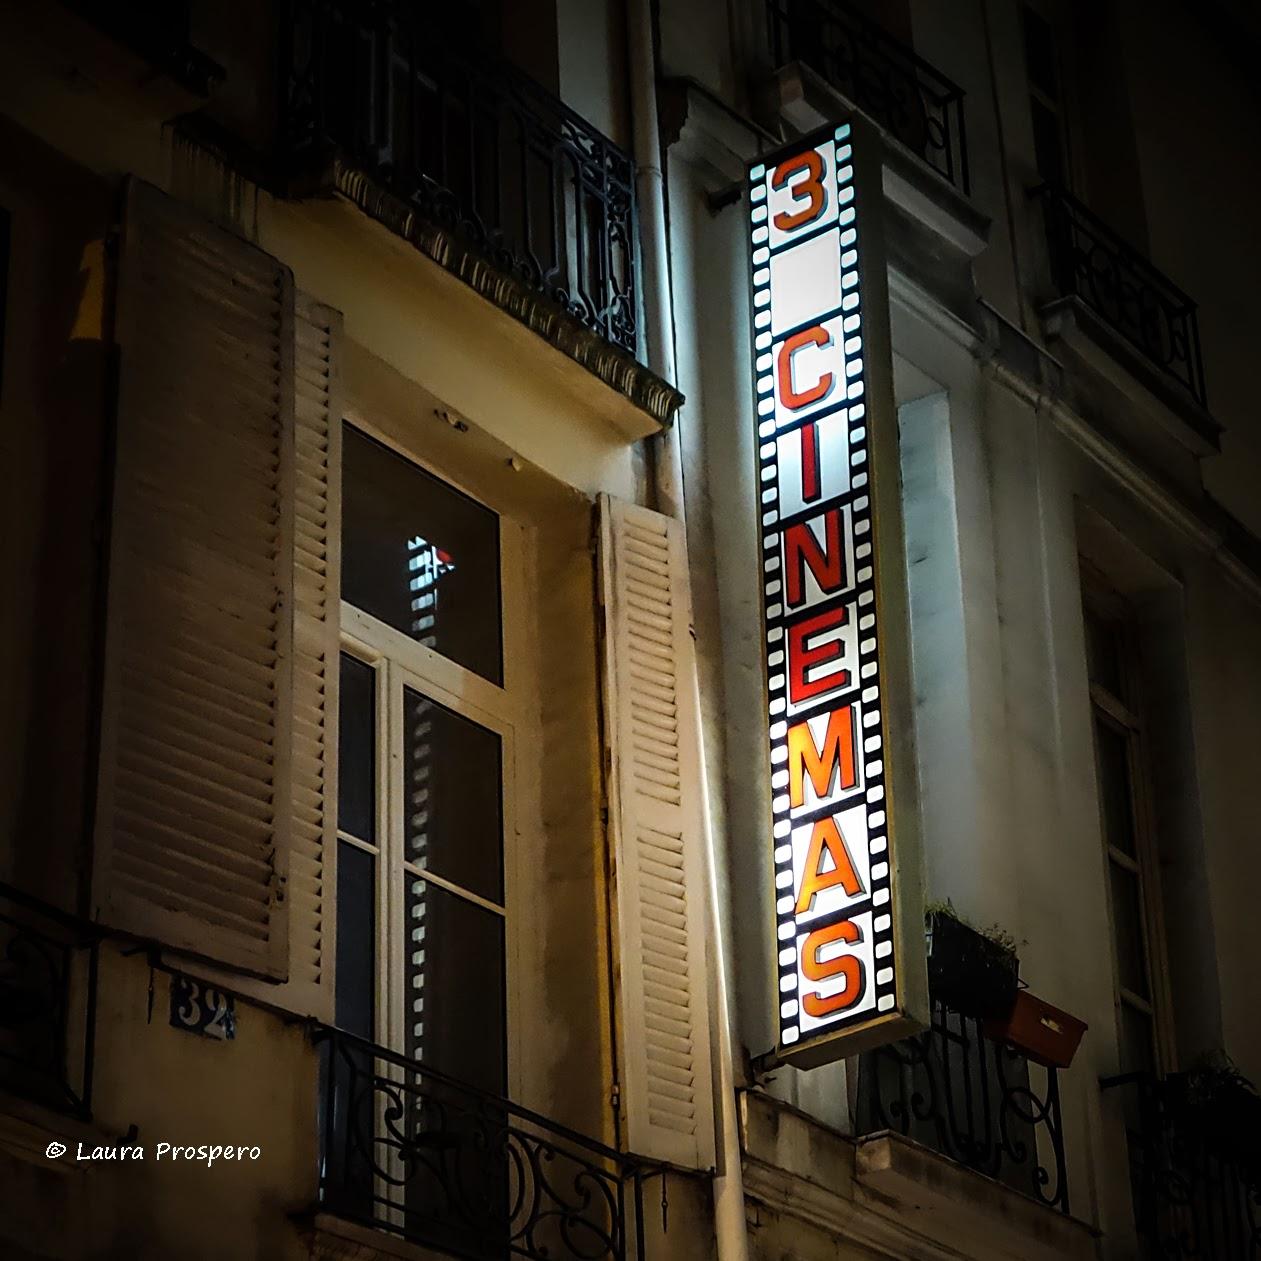 3 cinémas, Paris © Laura Prospero